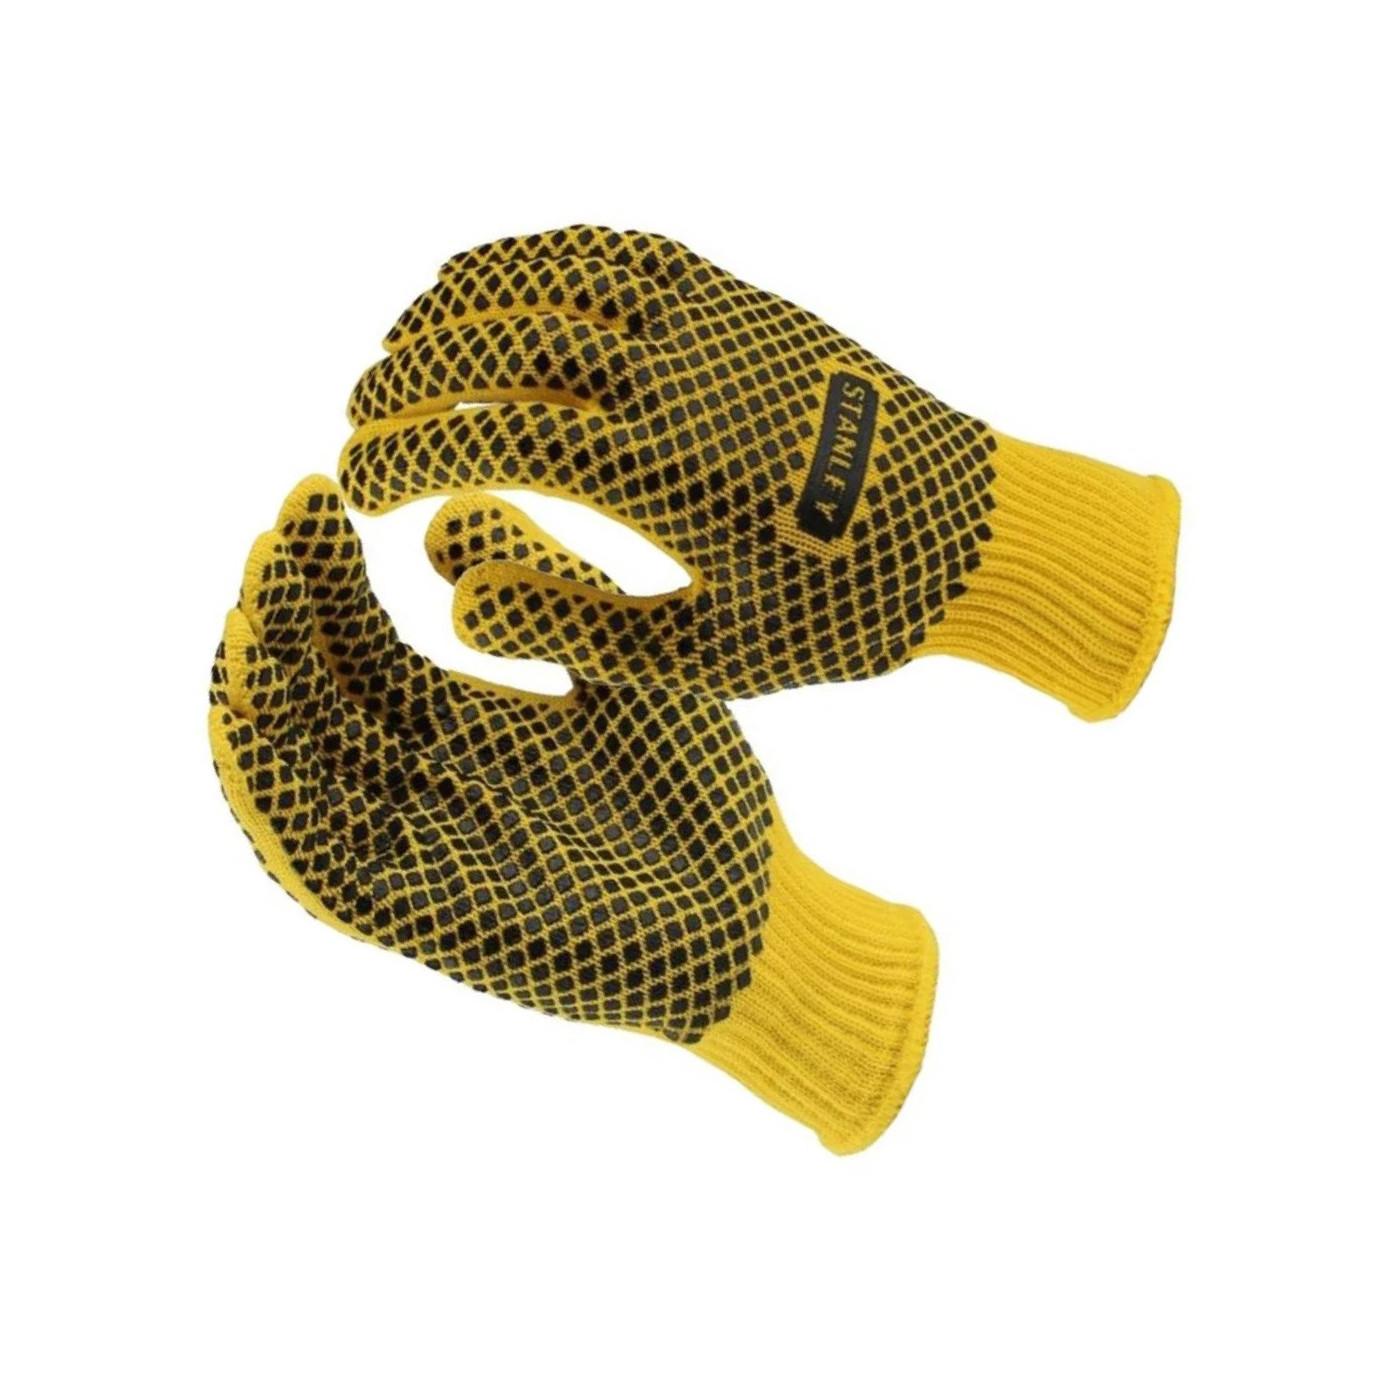 Ensemble de gants de travail Stanley (jaune / noir)